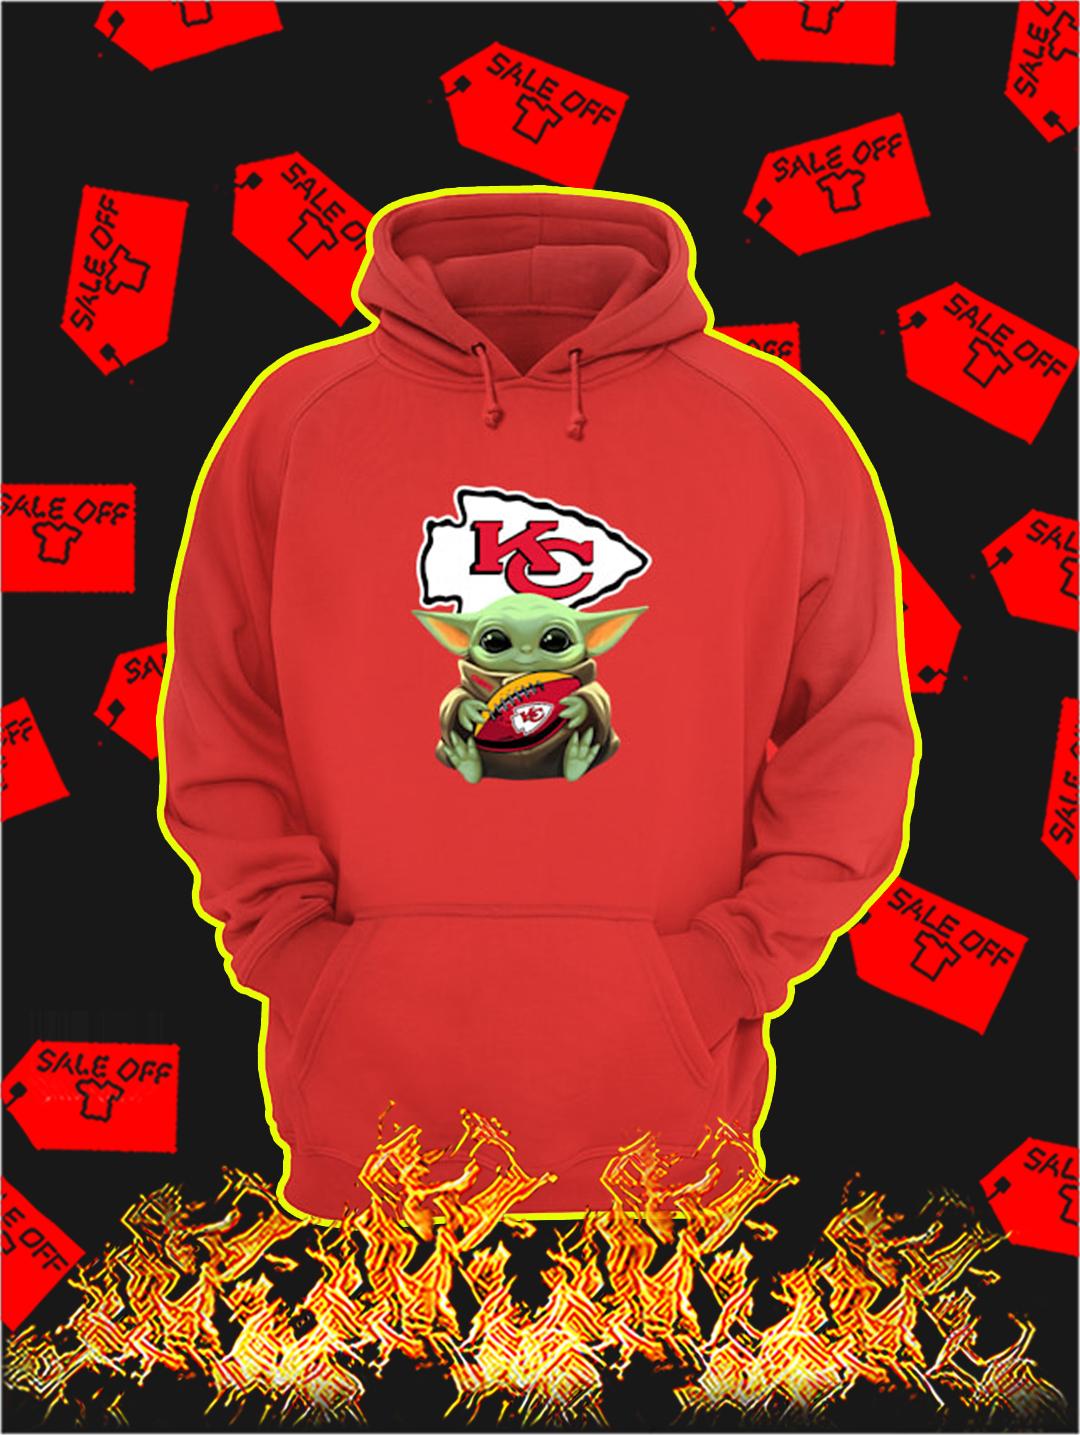 Kansas City Chiefs Baby Yoda hoodie